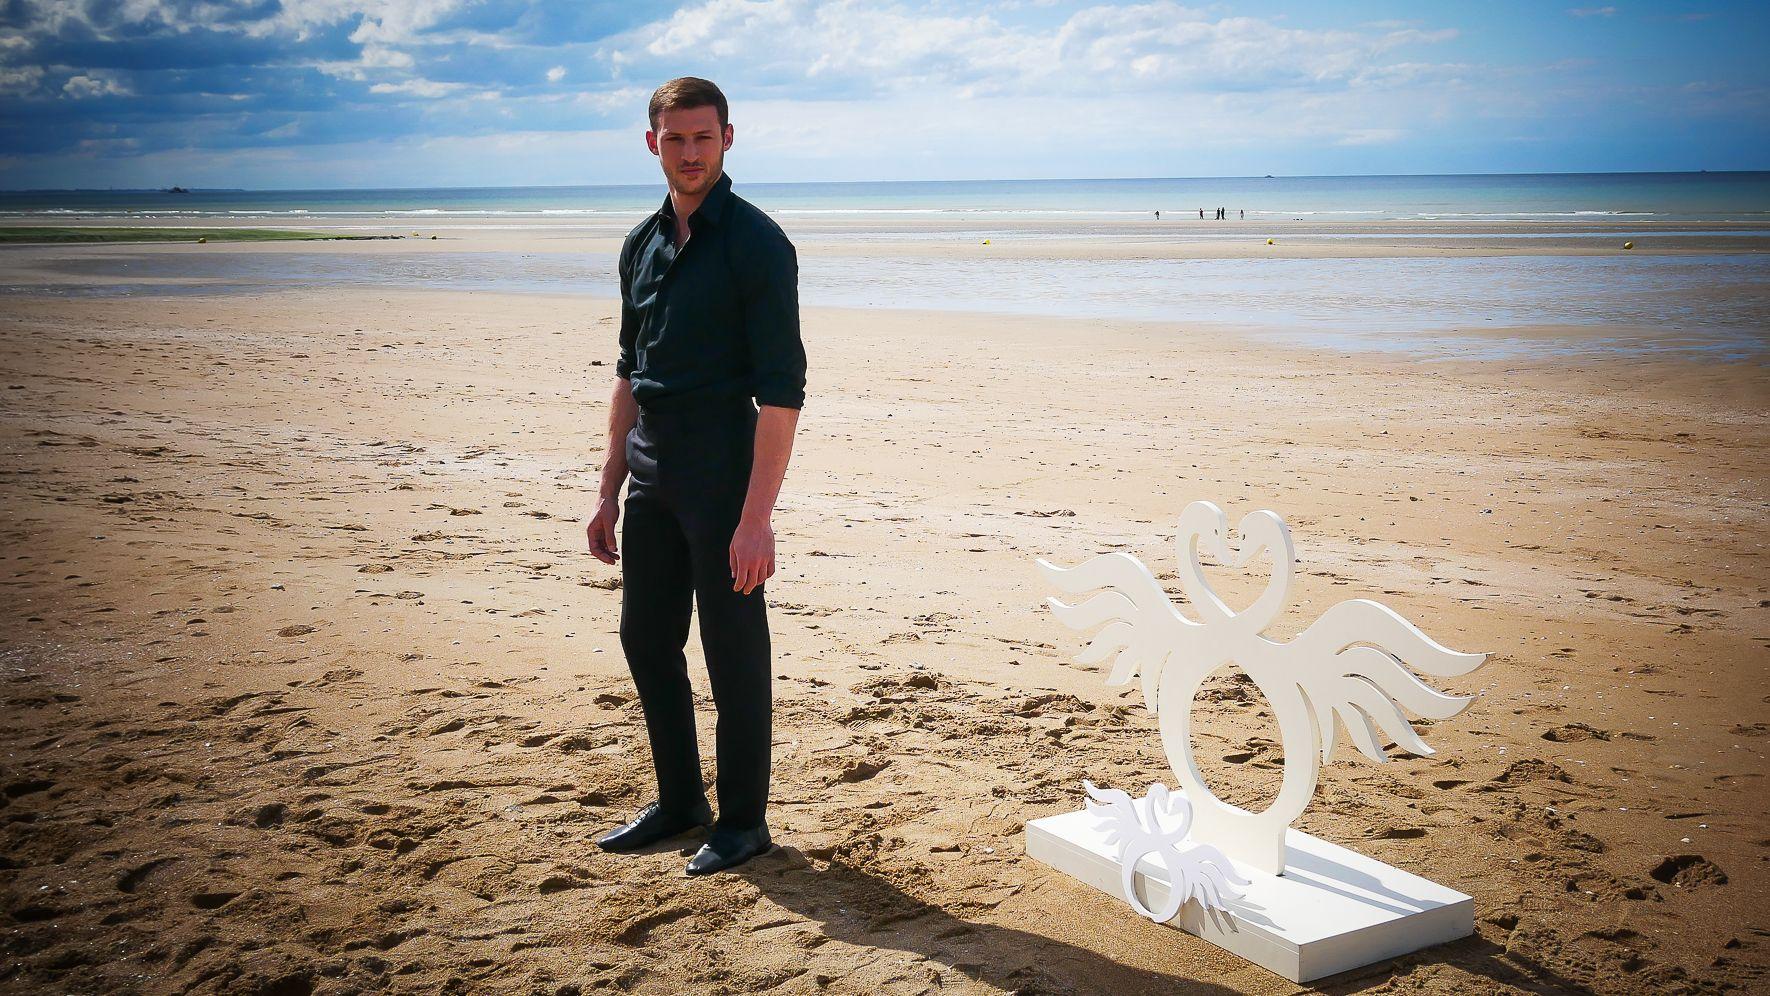 Tom Mercier (acteur) sur la plage de Cabourg